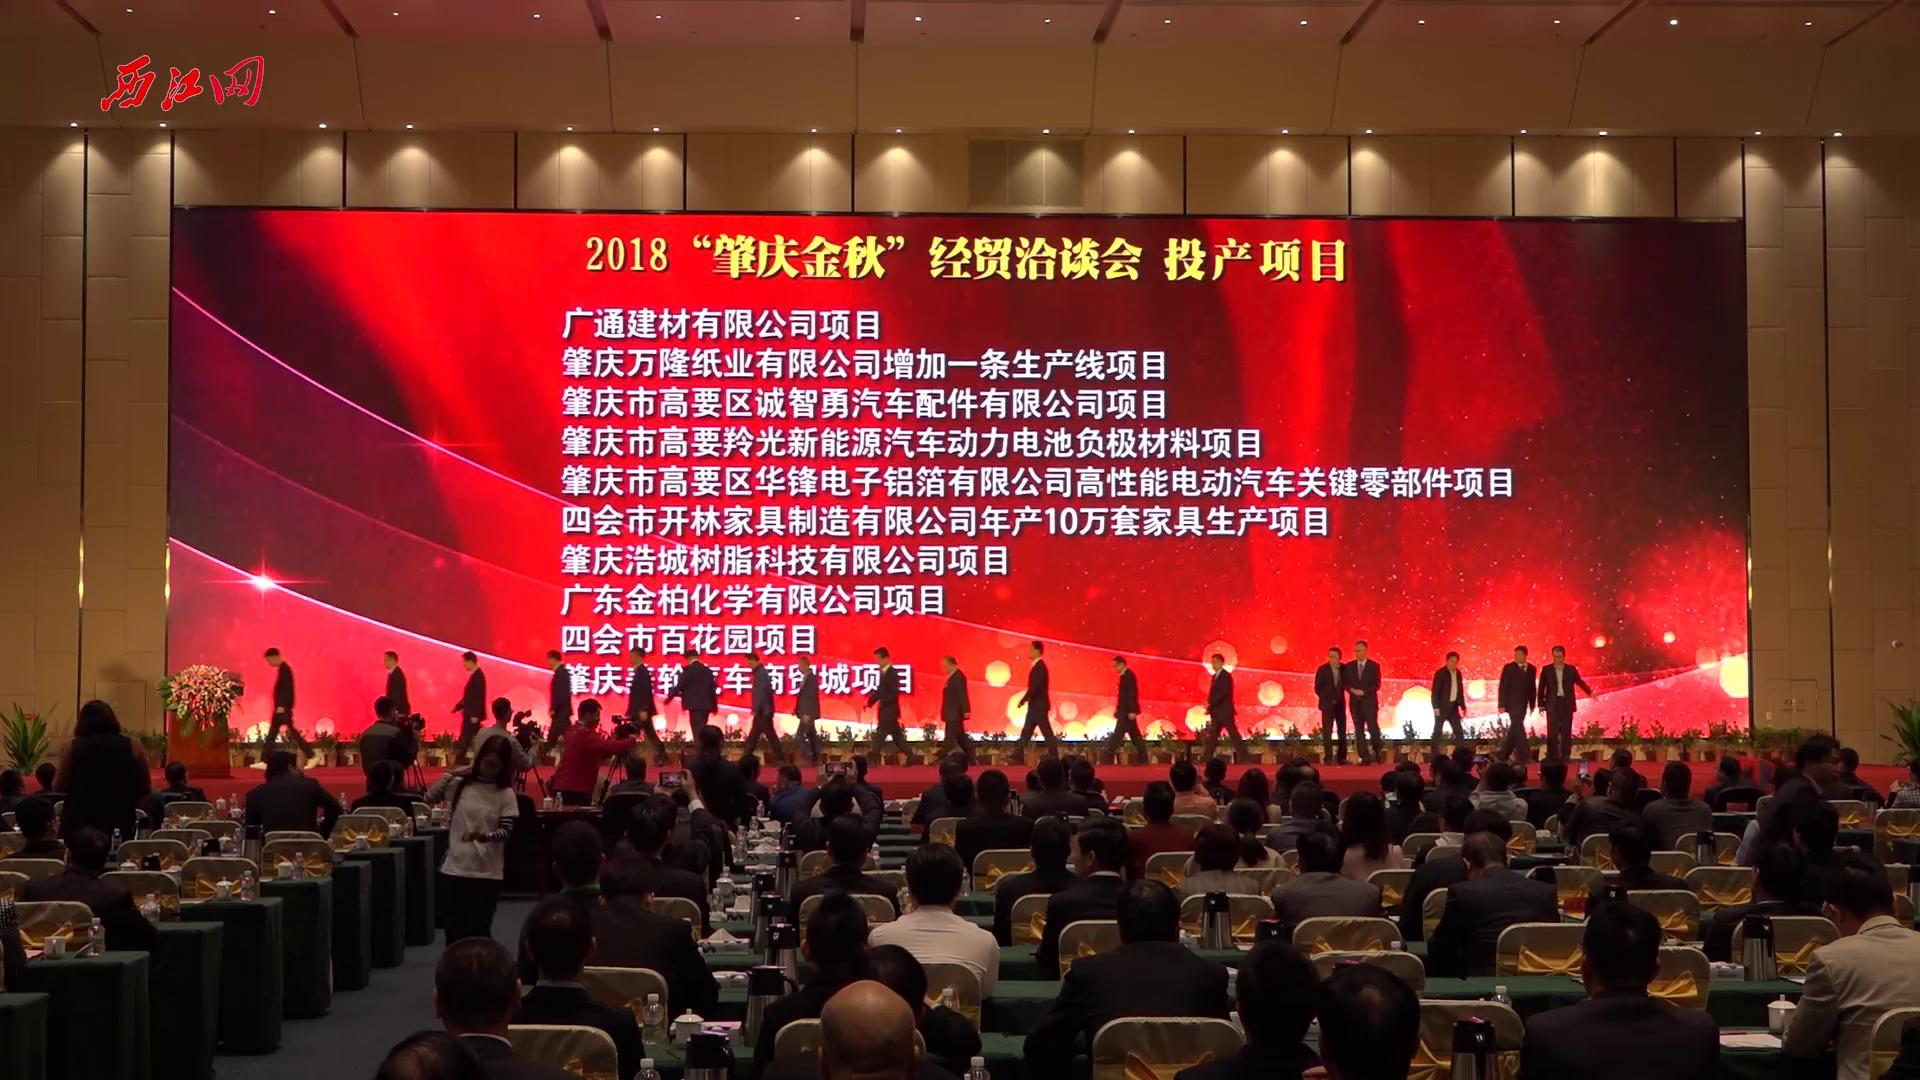 """鼎湖区举行""""2018网赚平台金秋""""经贸洽谈会项目动工签约仪式"""